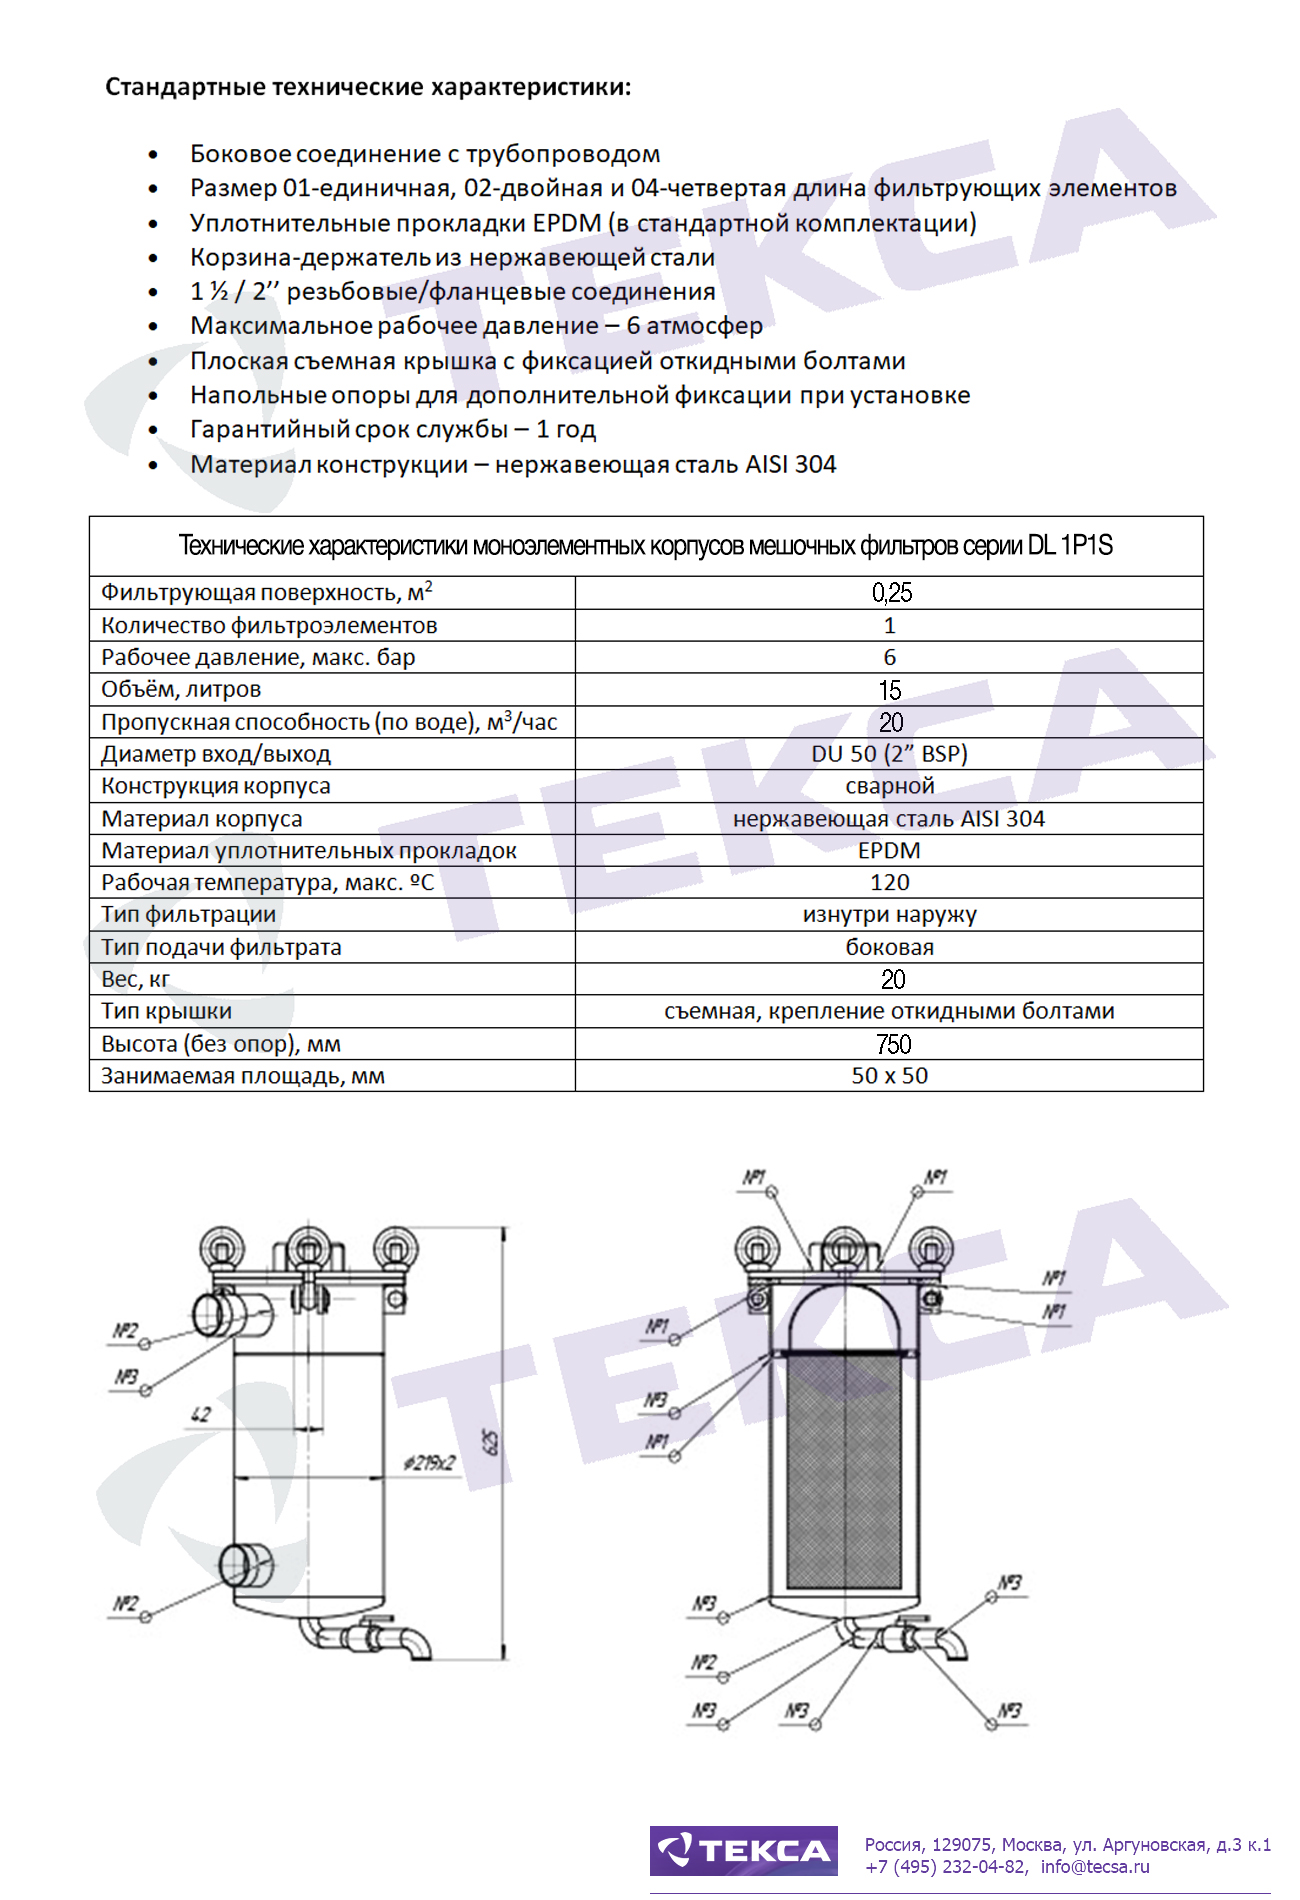 Технические характеристики моноэлементных корпусов мешочных фильтров серии DL модель 1P1S